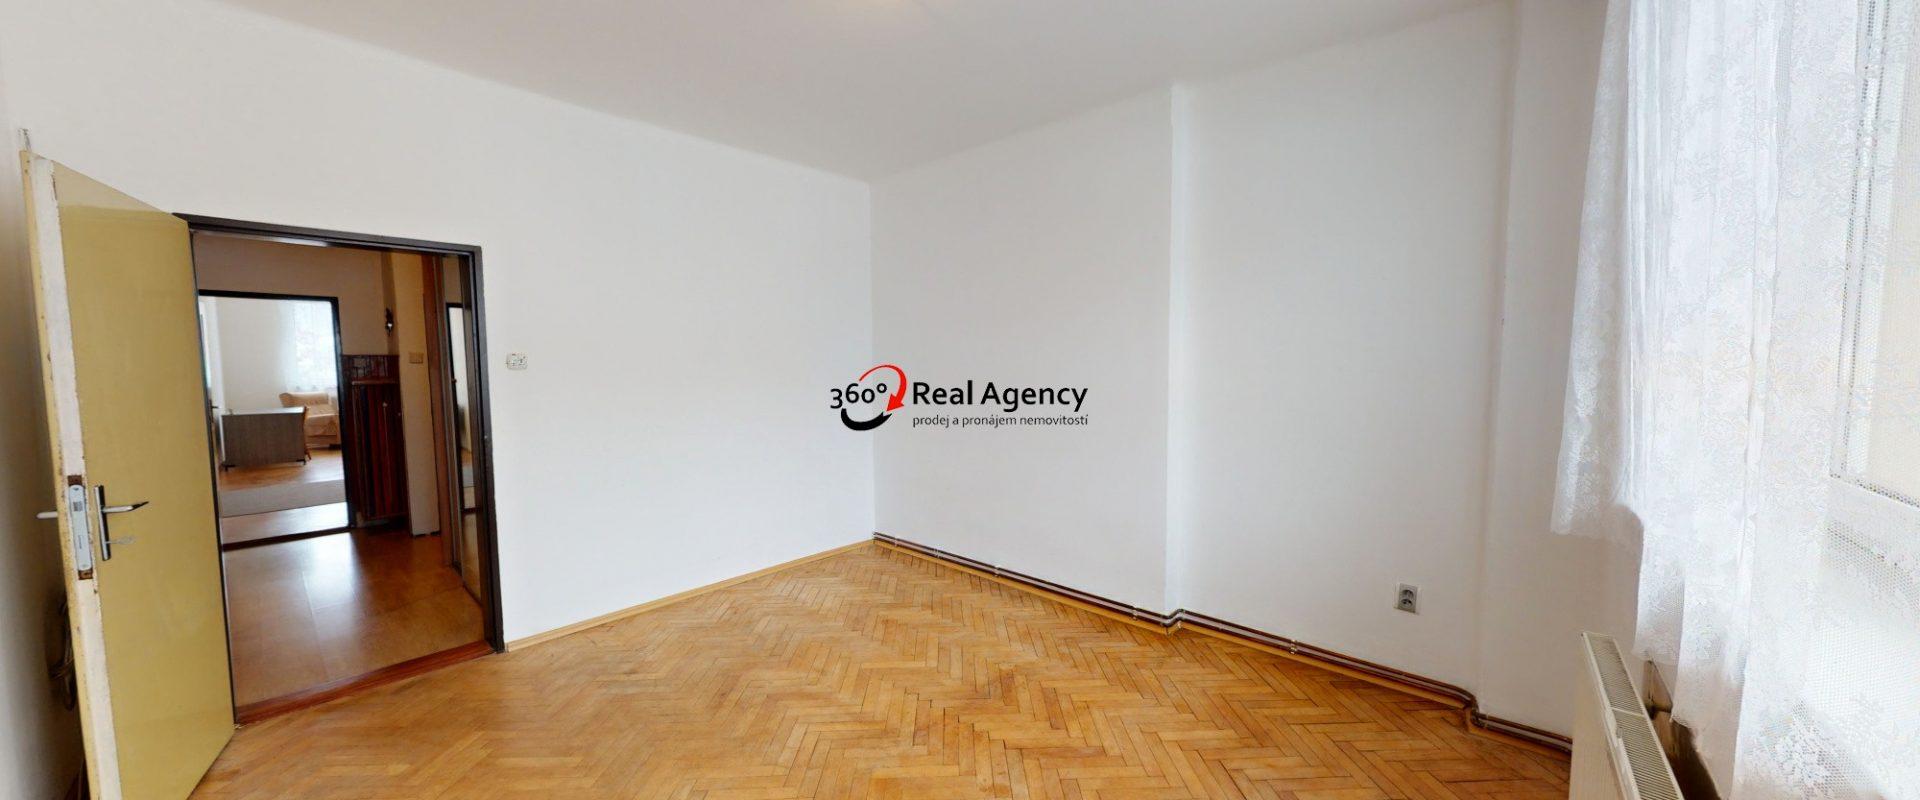 Prodej bytu 2+kk 53 m² Na Jezerce, Praha 4 – Nusle.